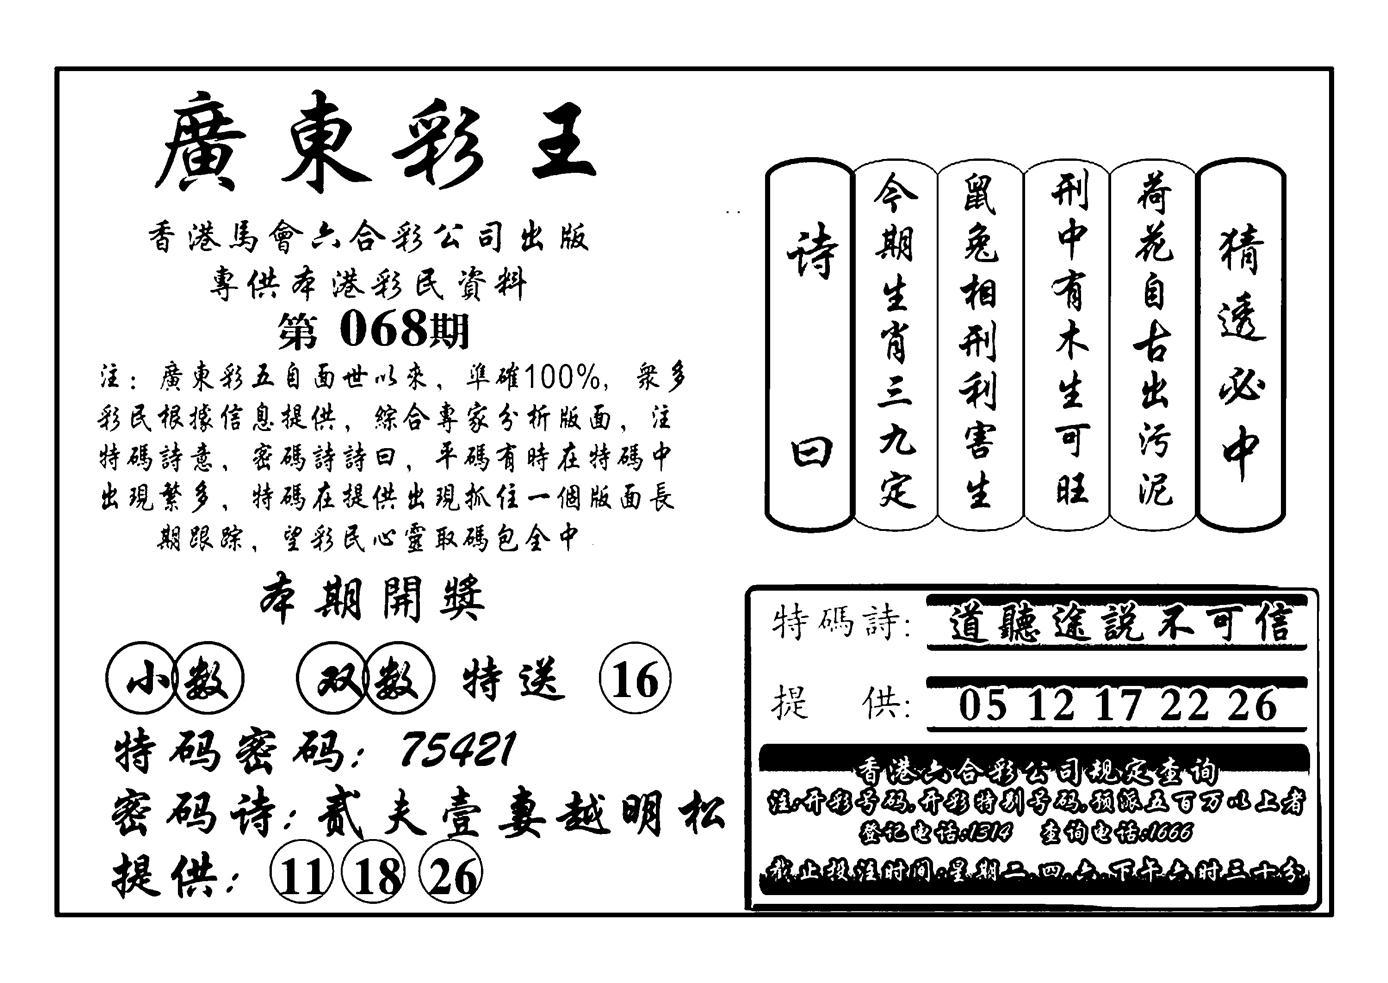 068期广东彩王(黑白)